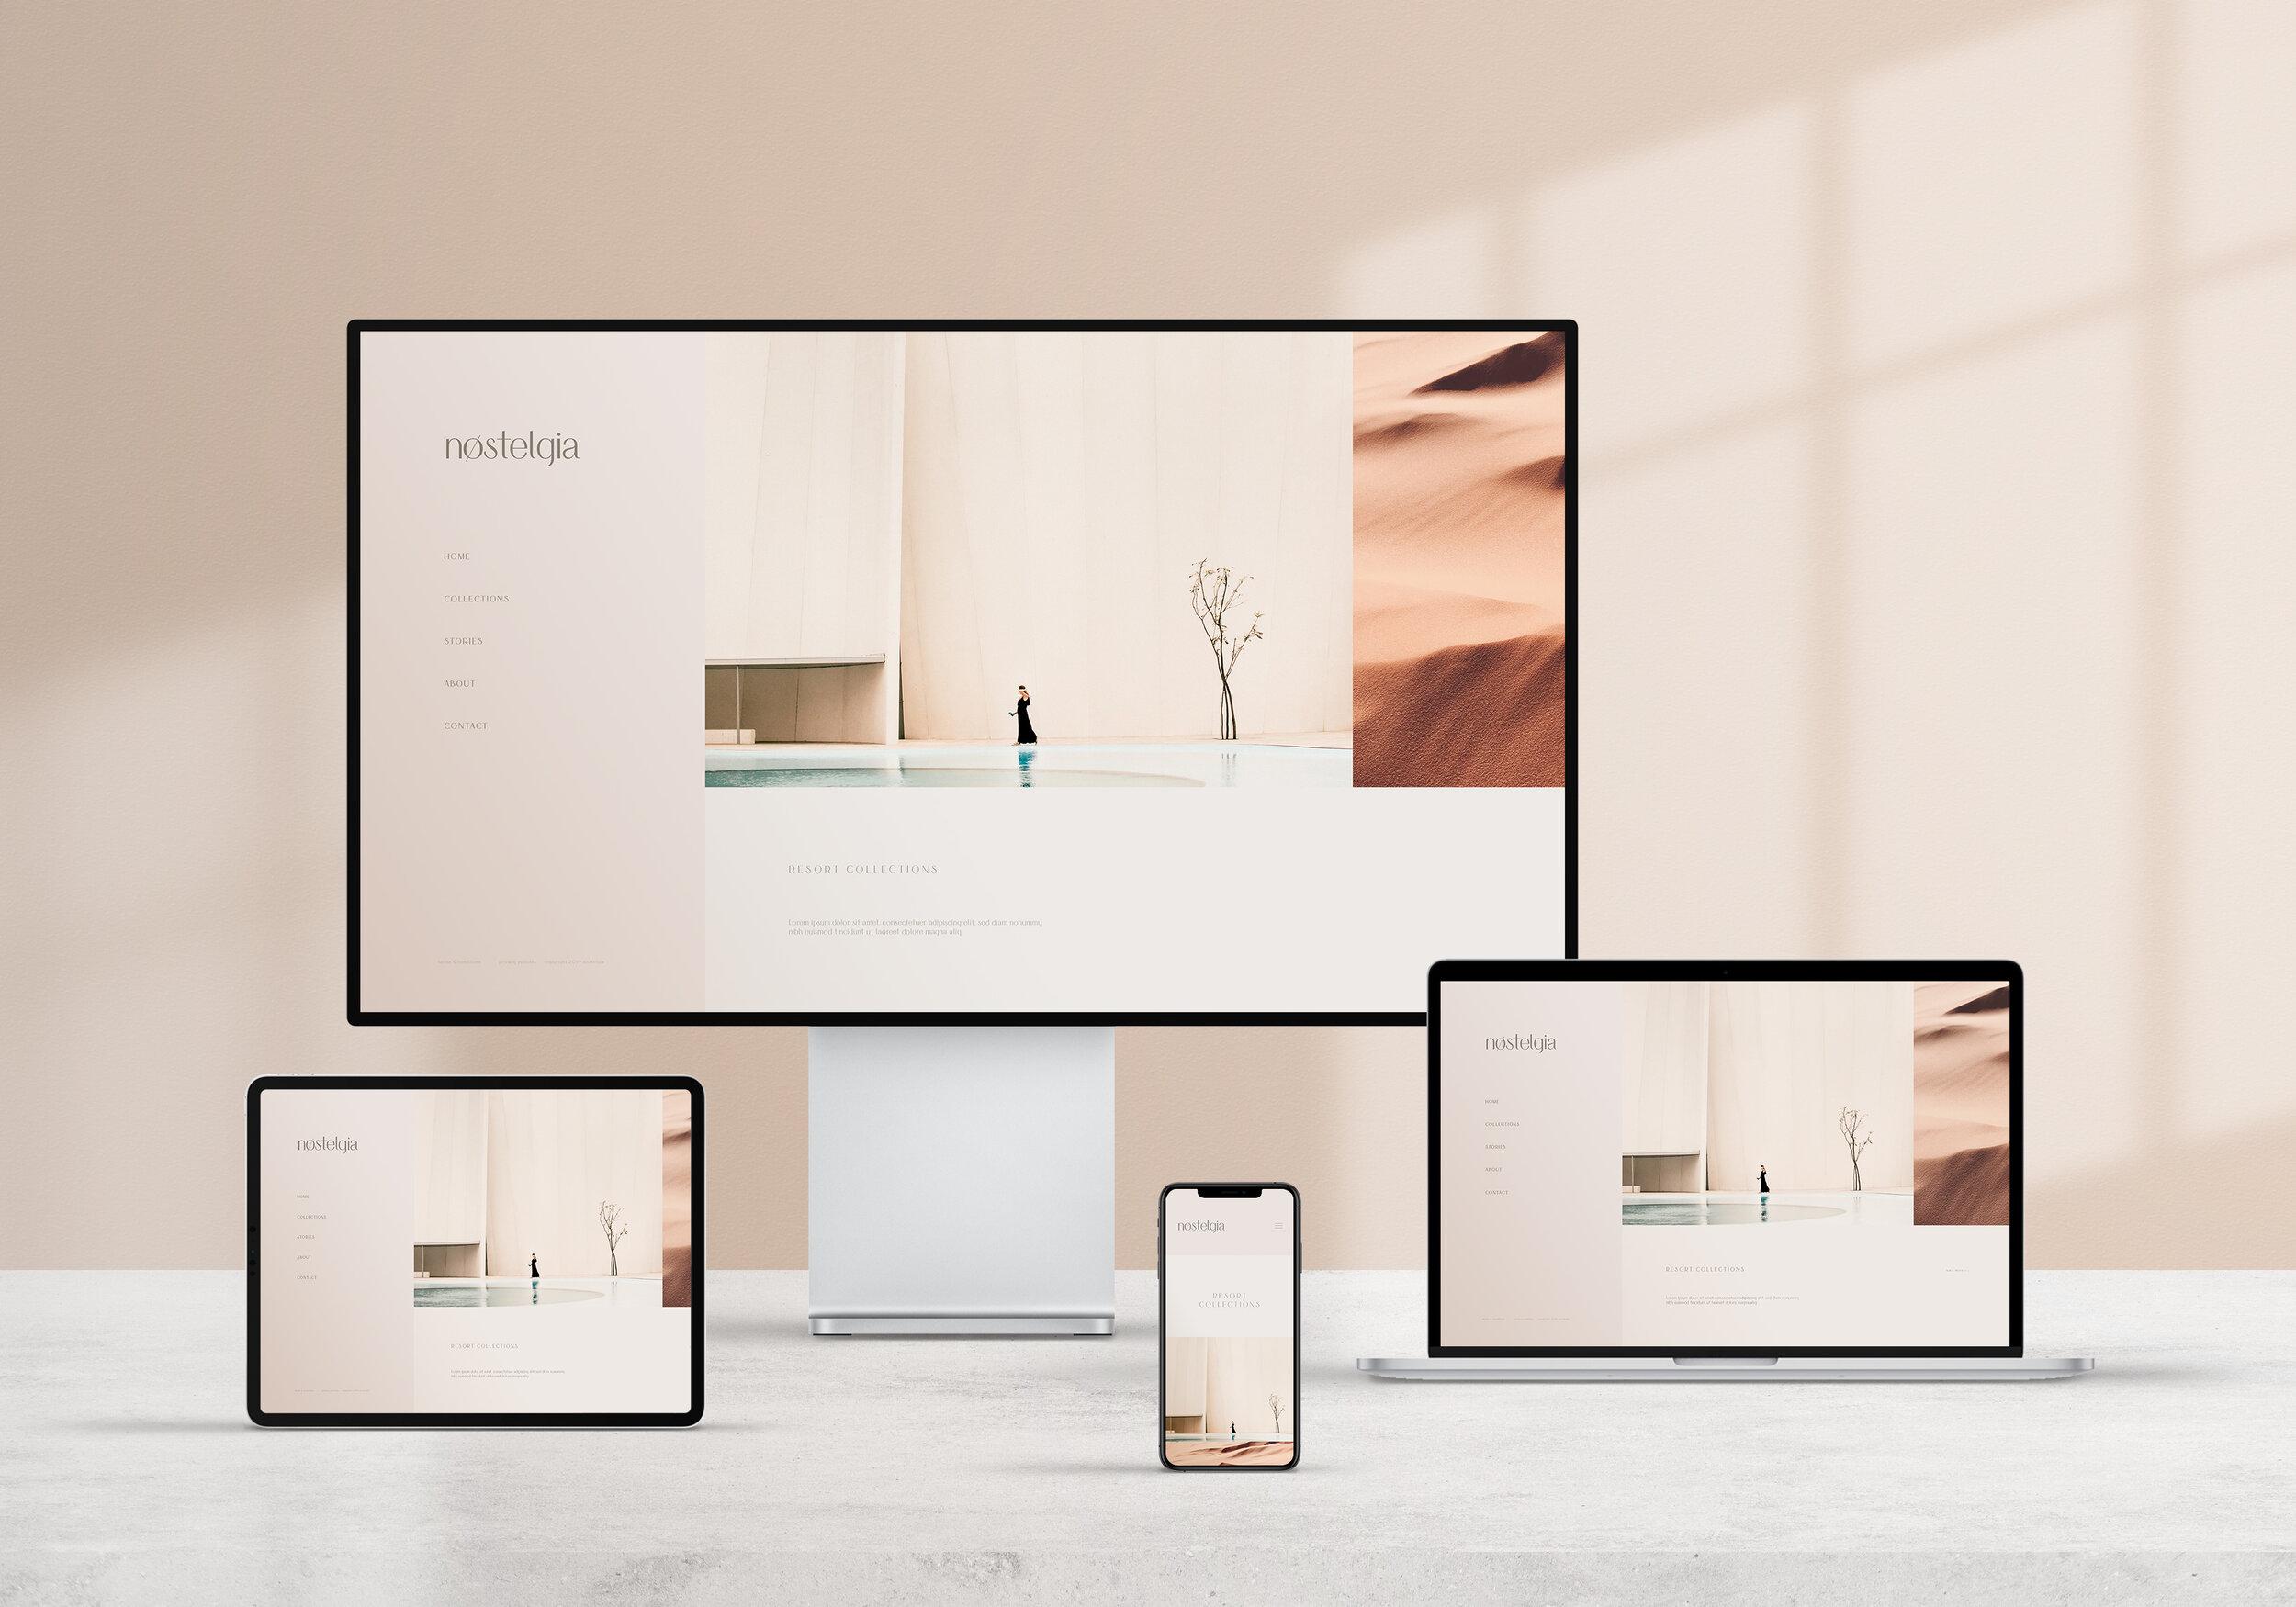 台北網頁設計-響應式網頁